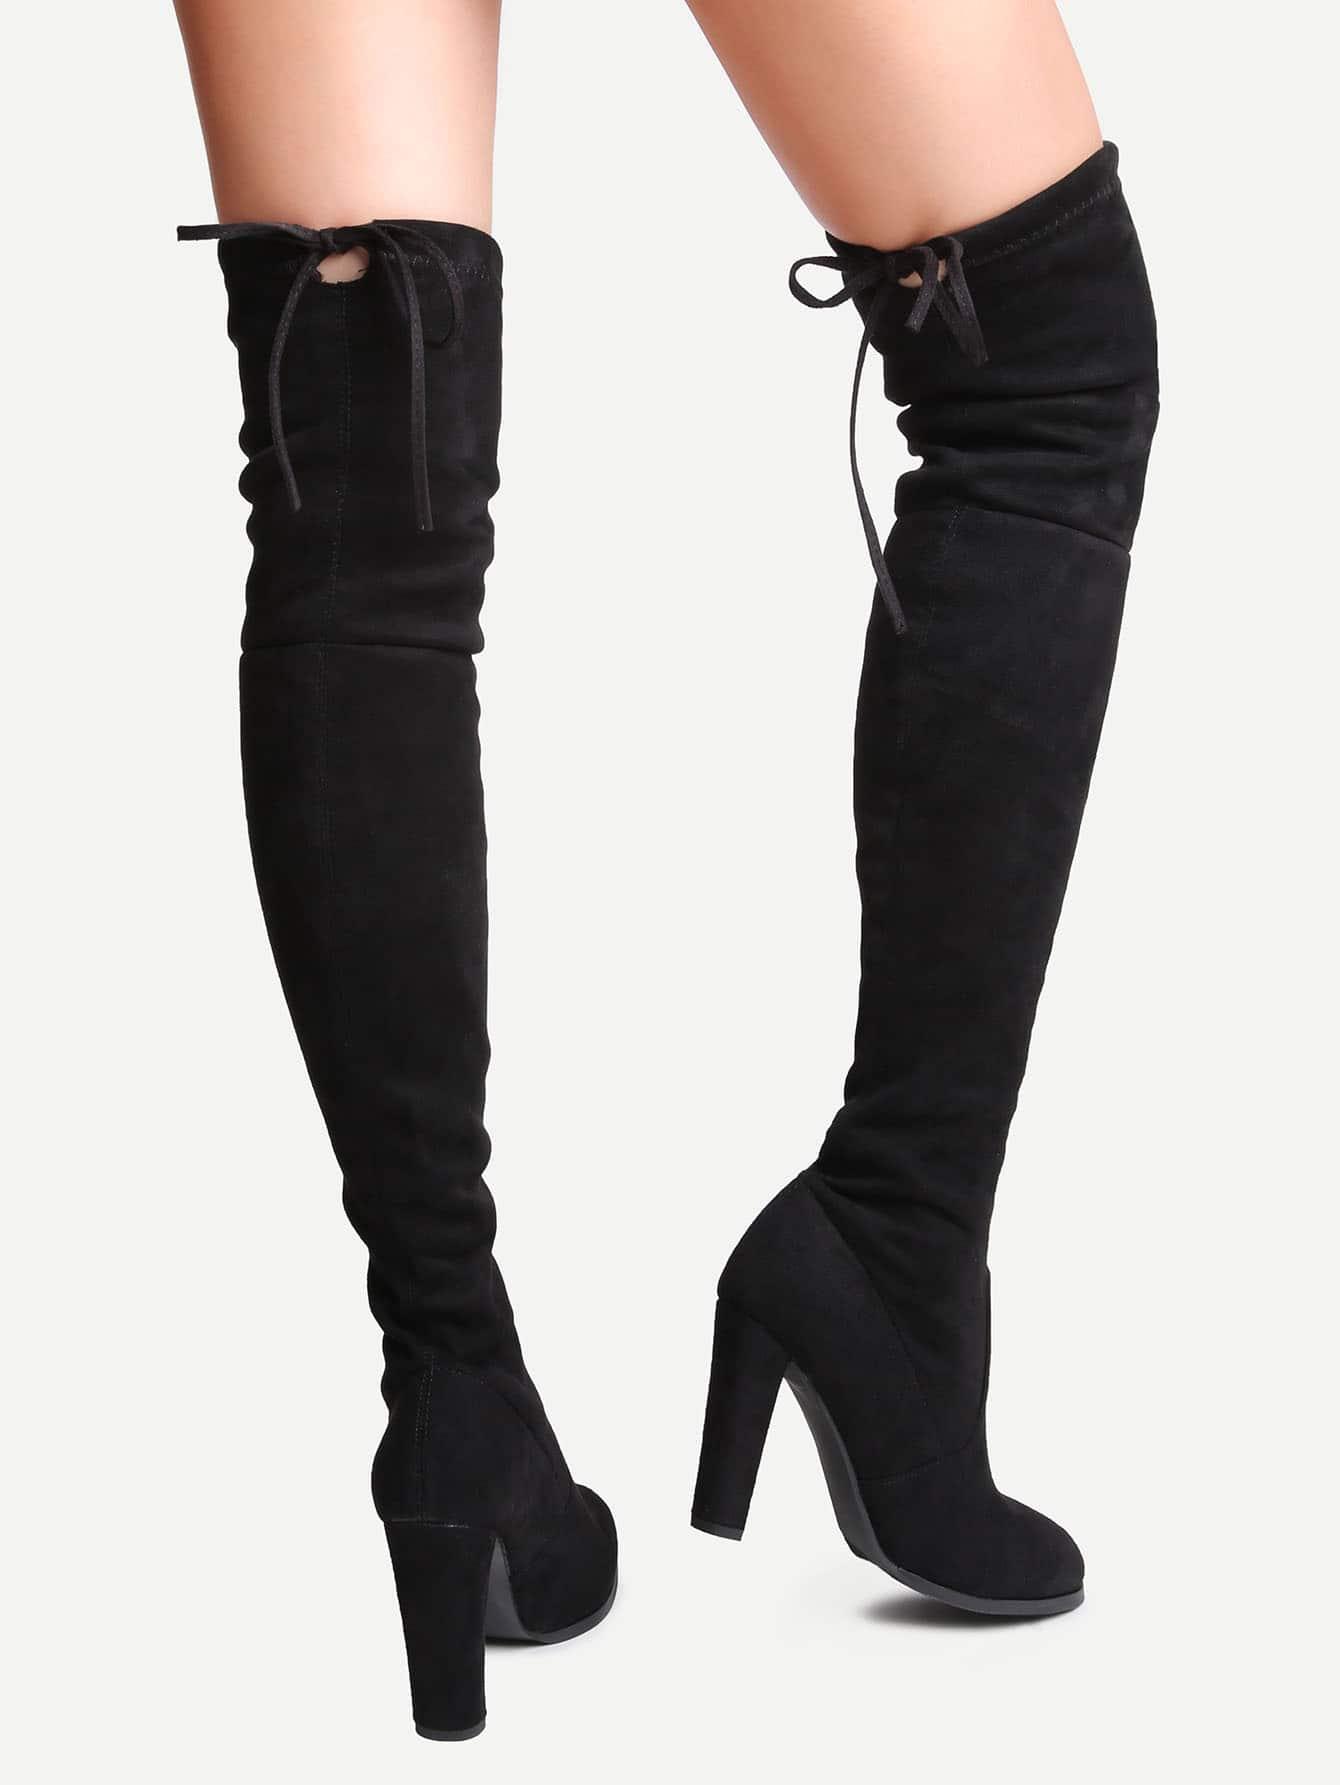 shoes160907807_2